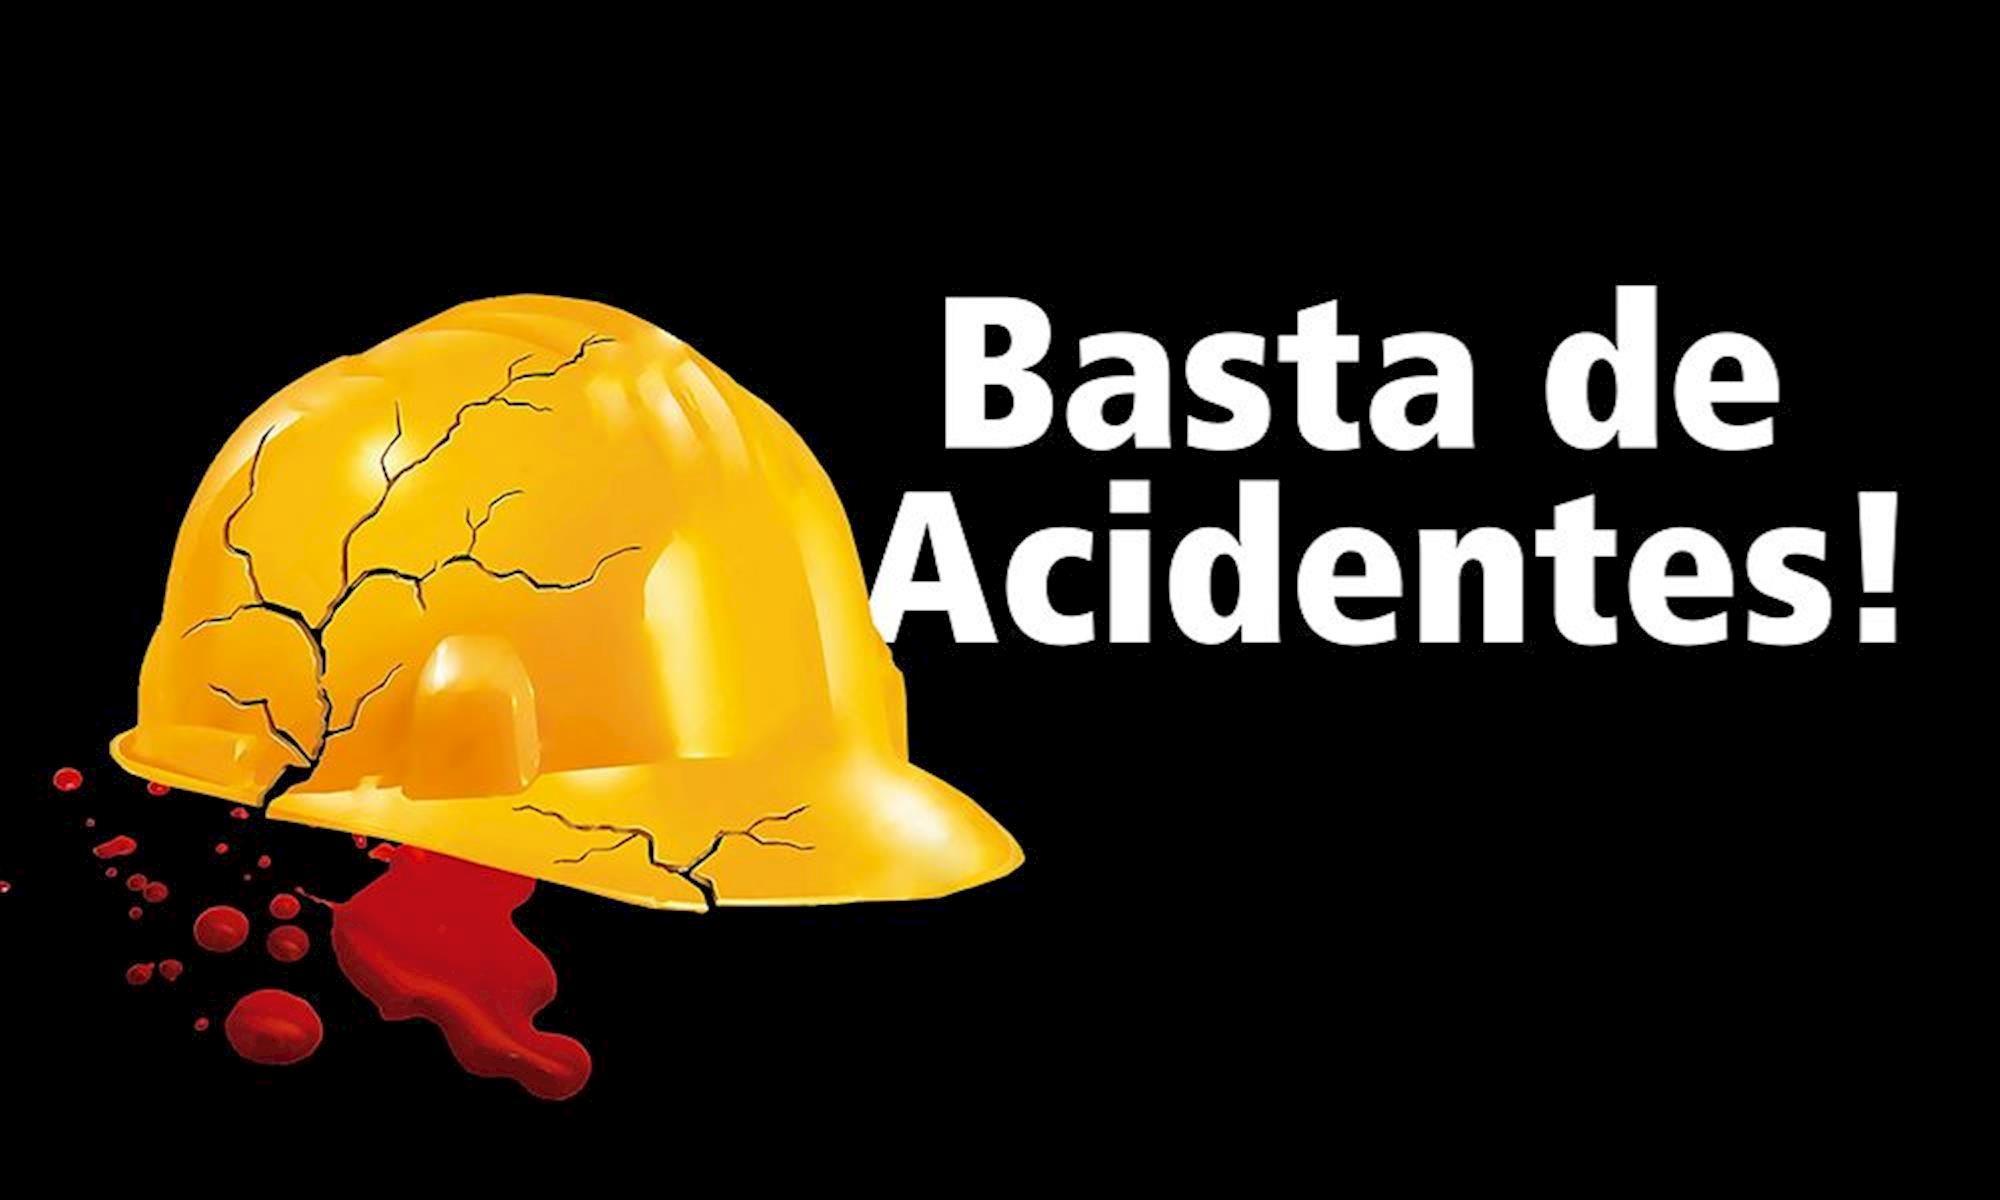 acidente, basta, trabalho, Arte: Cassio Freire